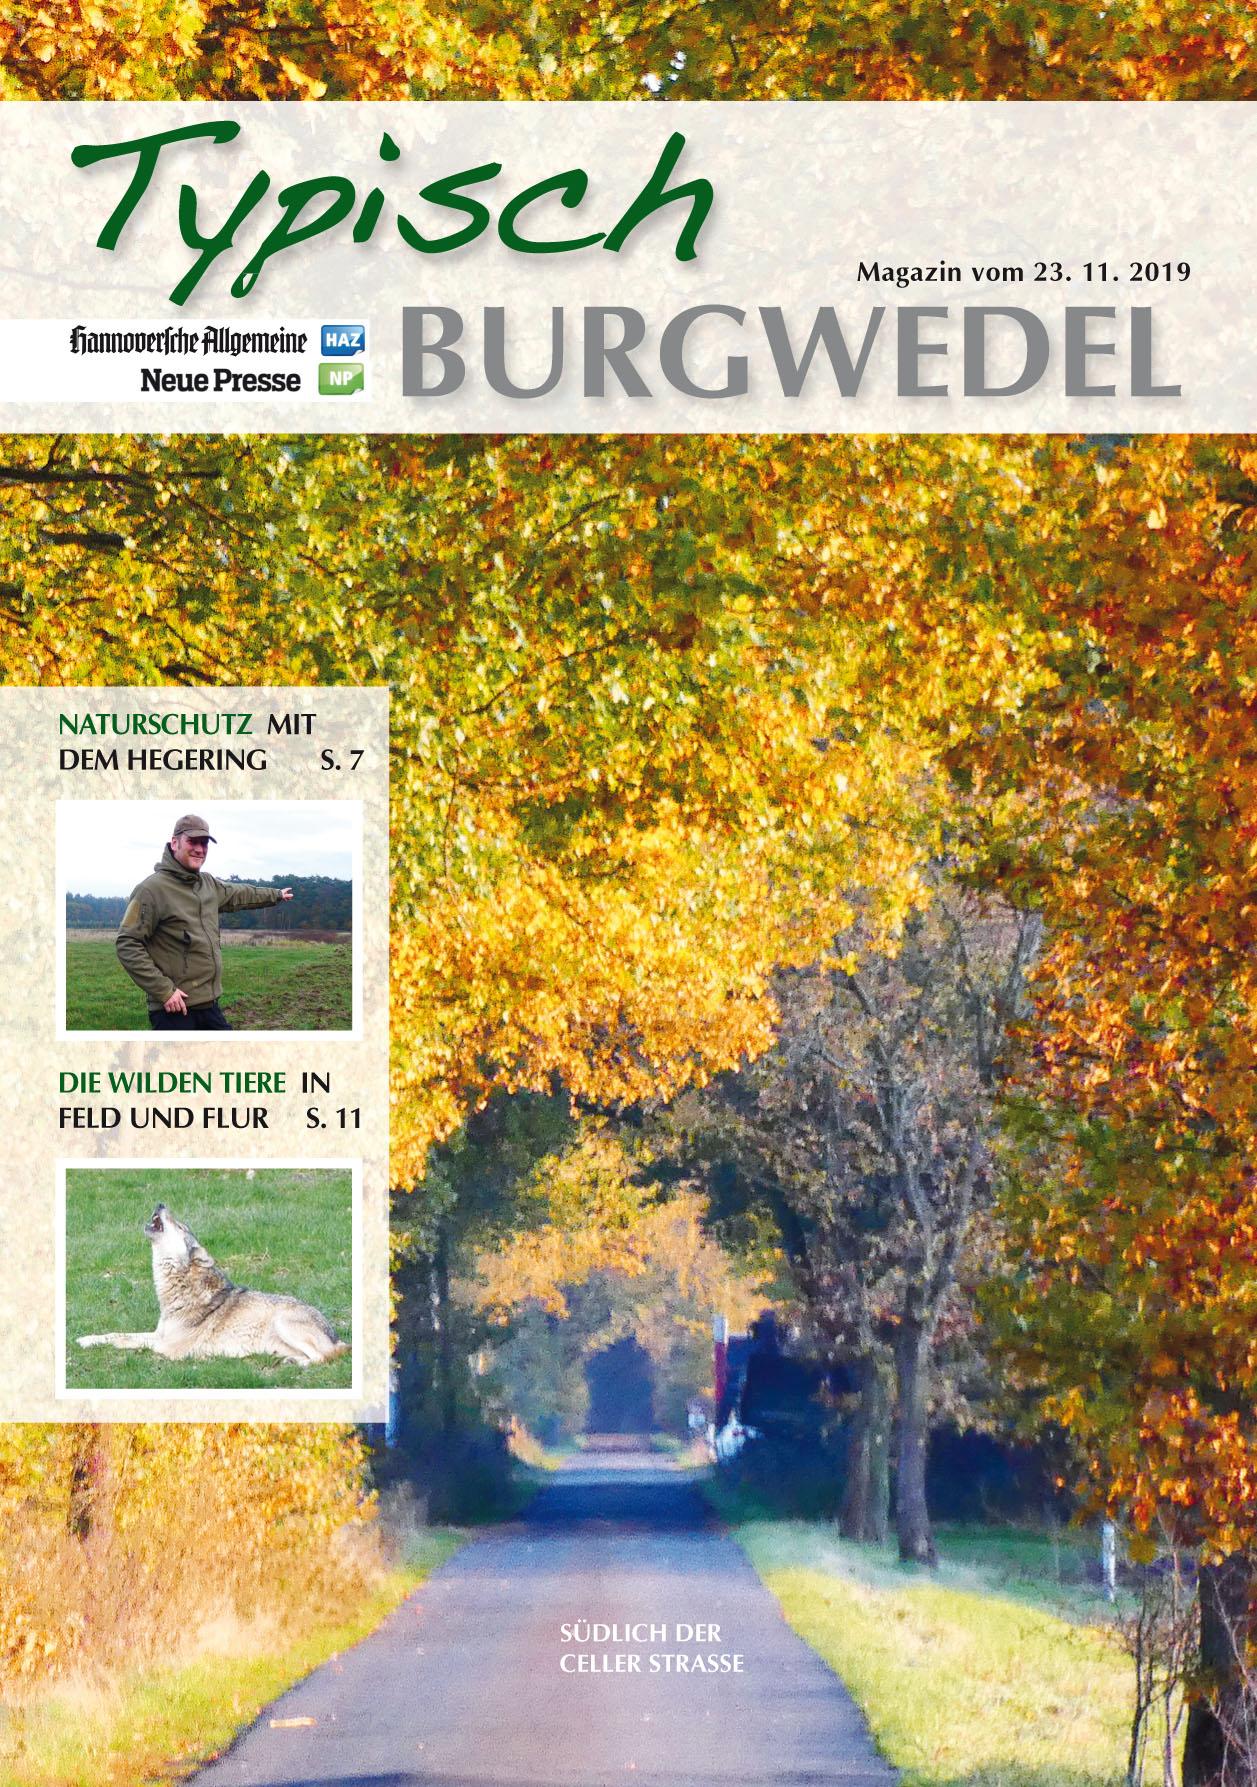 burgwedel-vom-23-11-2019